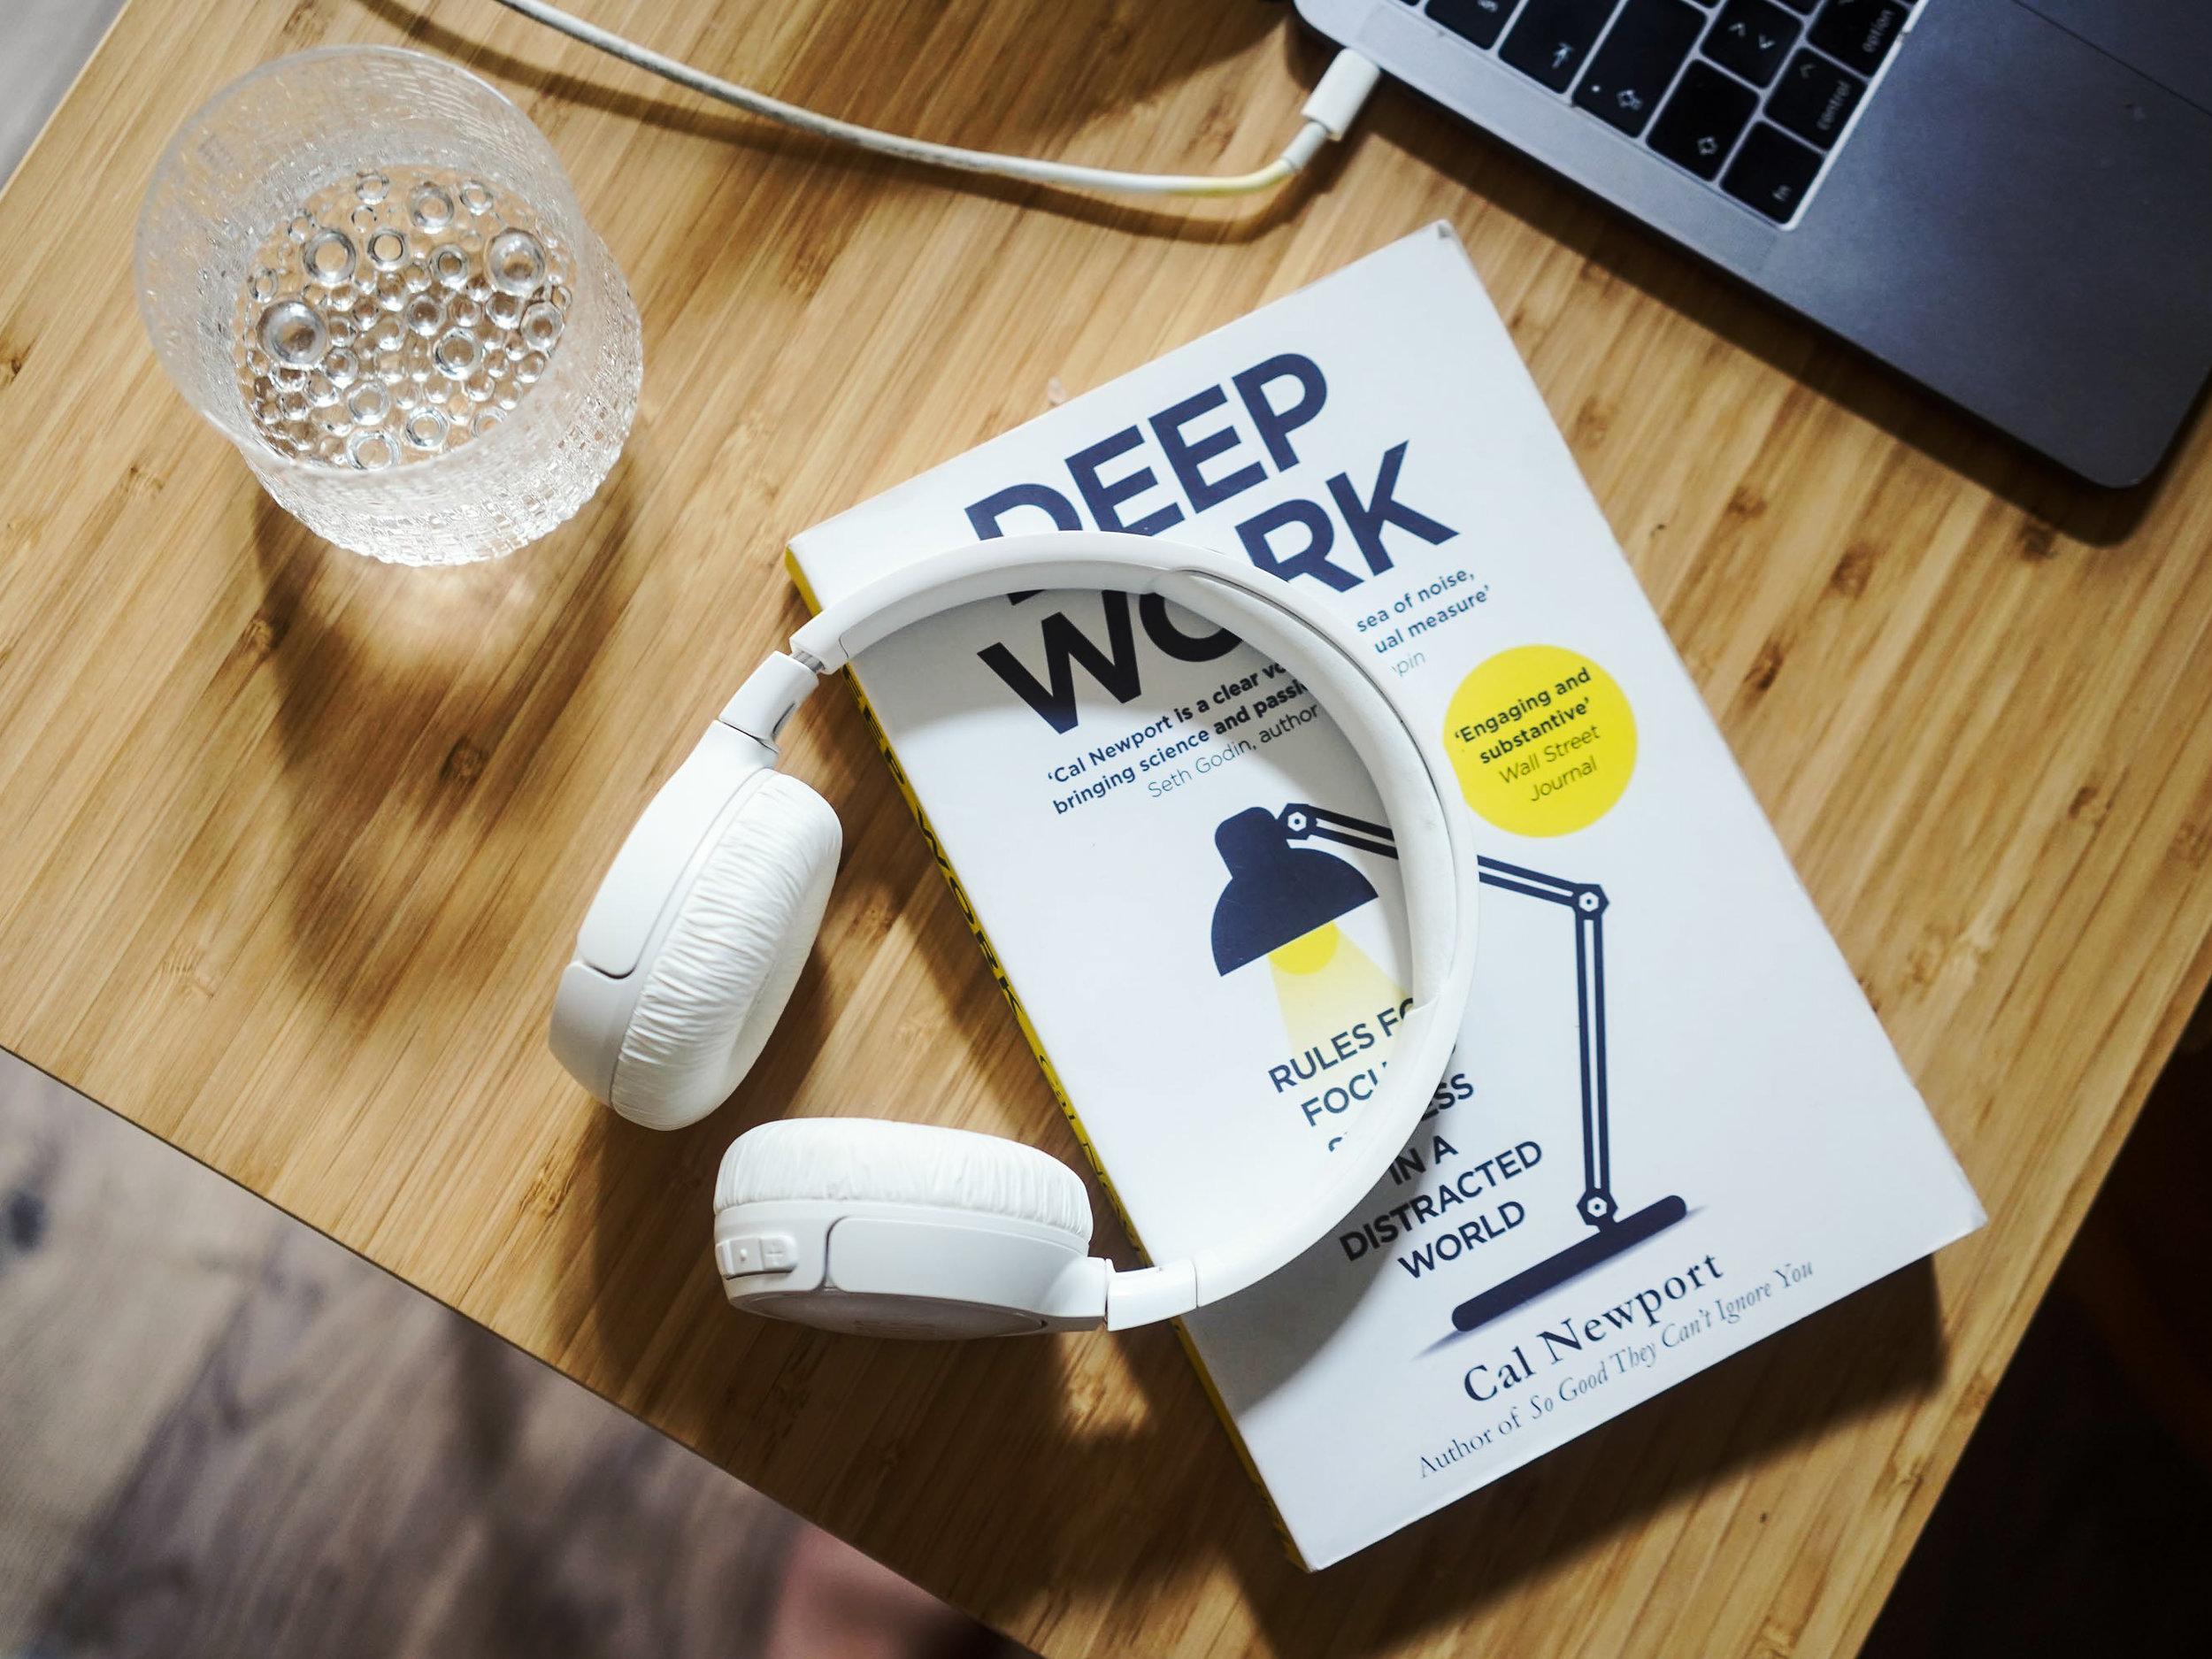 Suosittelen lämpimästi Cal Newportin kirjaa    Deep Work    kaikille, jotka kaipaavat työpäiviinsä vähemmän sähläystä ja enemmän fokusta.